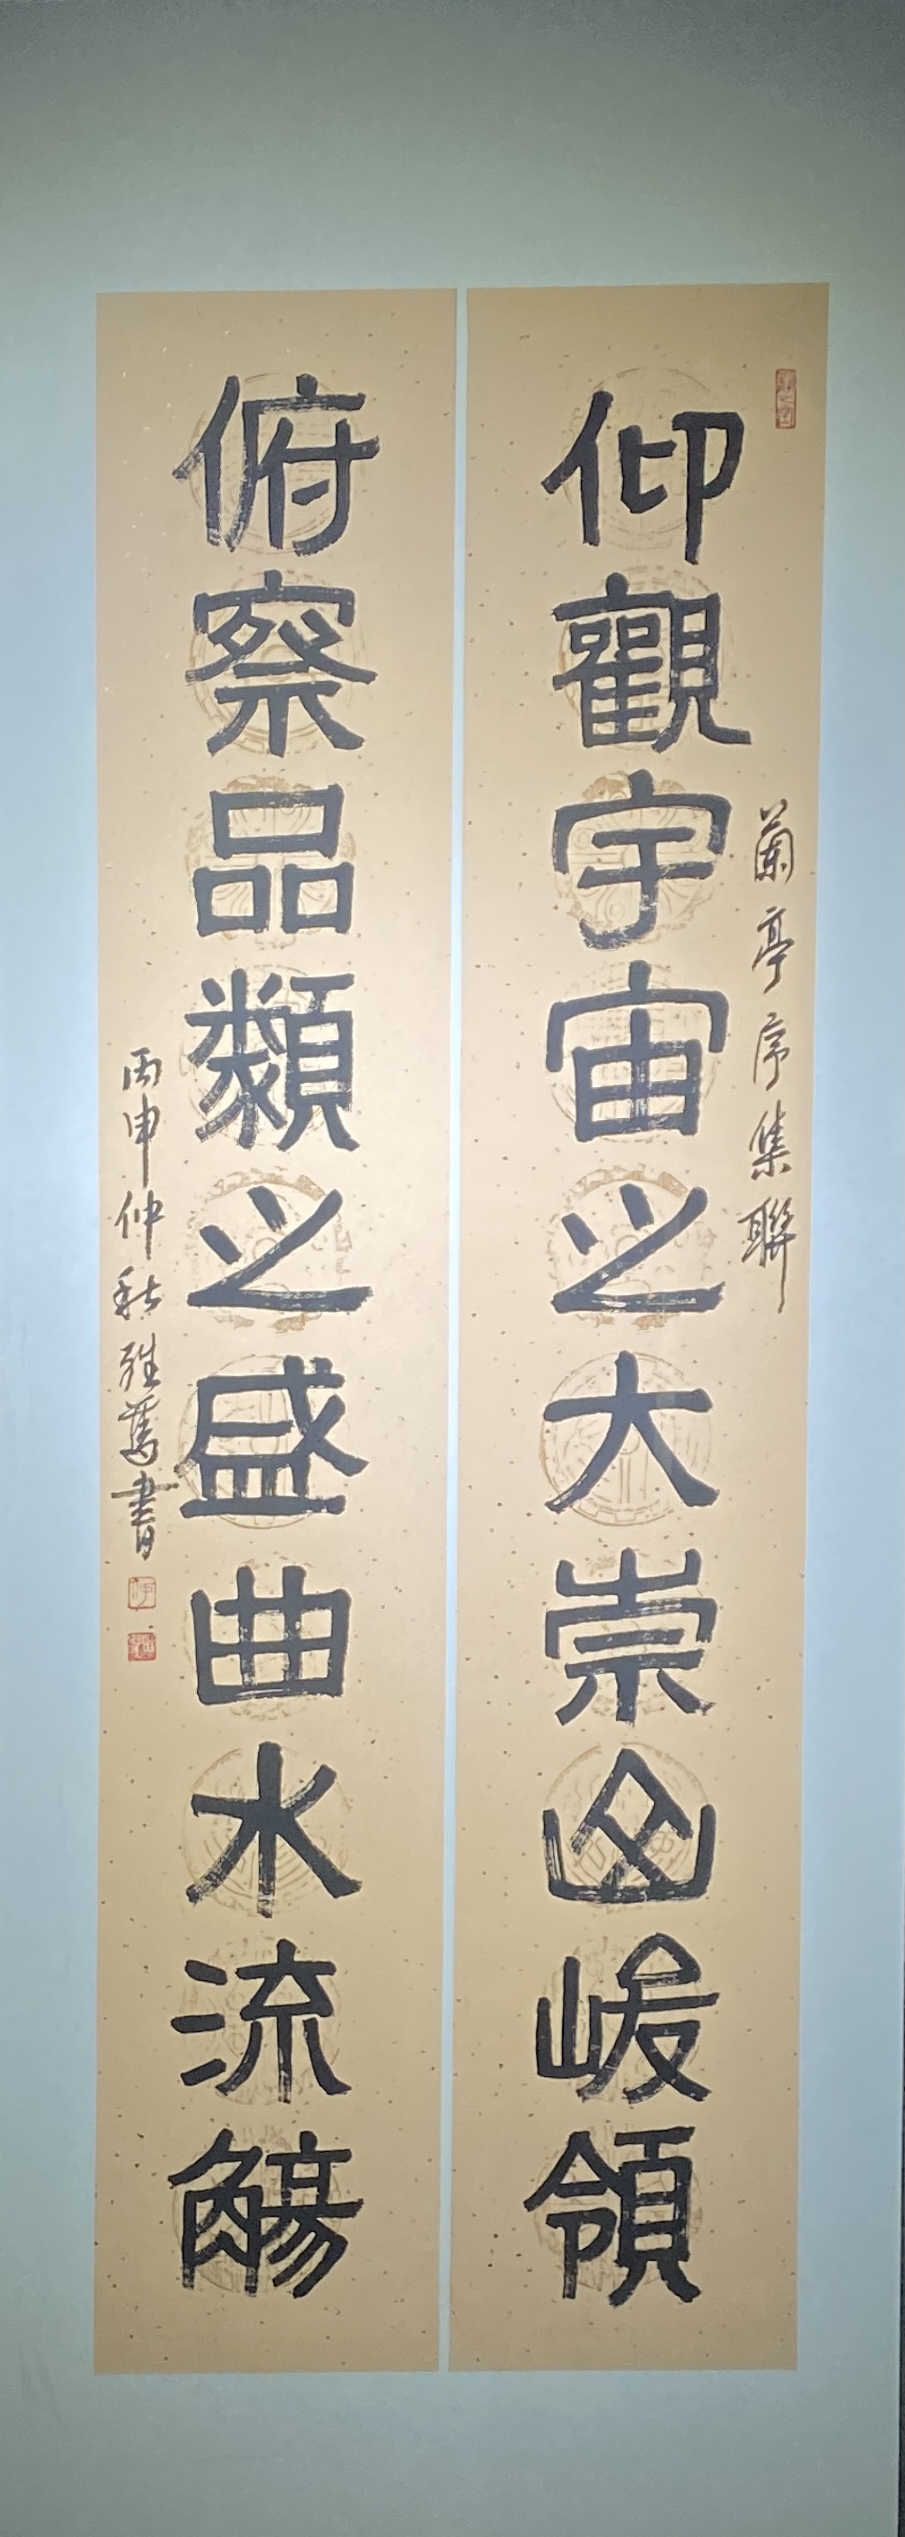 蘭亭序連句-2016-書-177×30×2cm-「丹青を振りかけ、詩情を送る-何継篤個人書画展」成都市美術館